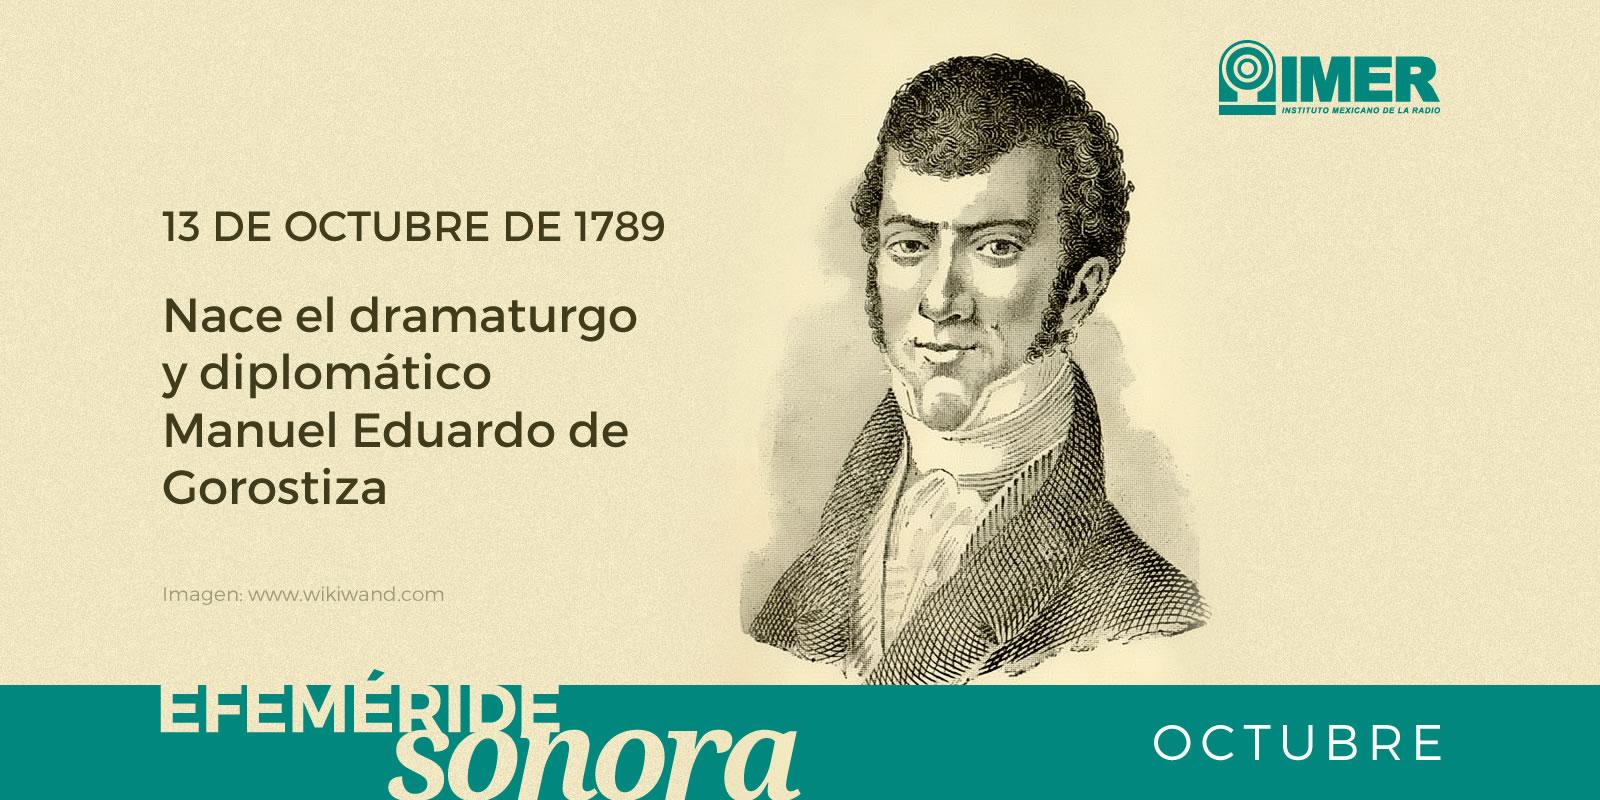 13 de octubre de 1789, nace el dramaturgo y diplomático ...